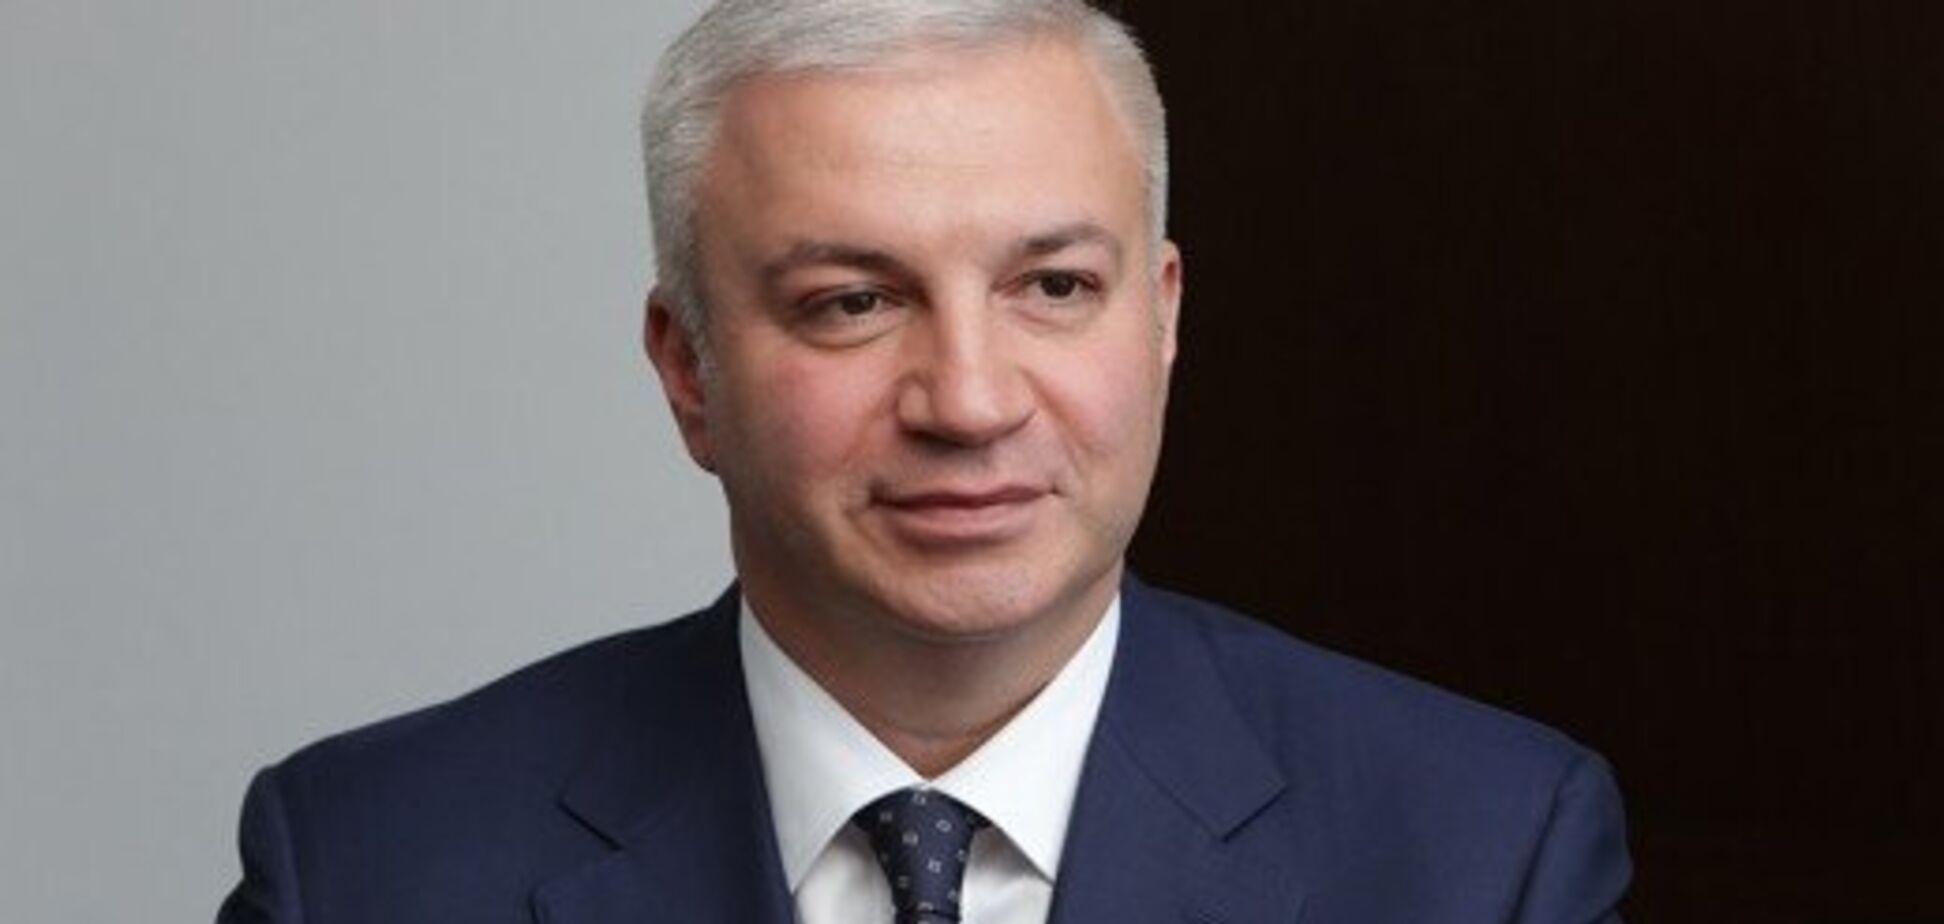 Голова правління ПАТ 'Аграрний фонд' Андрій Радченко: ''При ''розтраті'' дохід не зростає на 57% в рік''